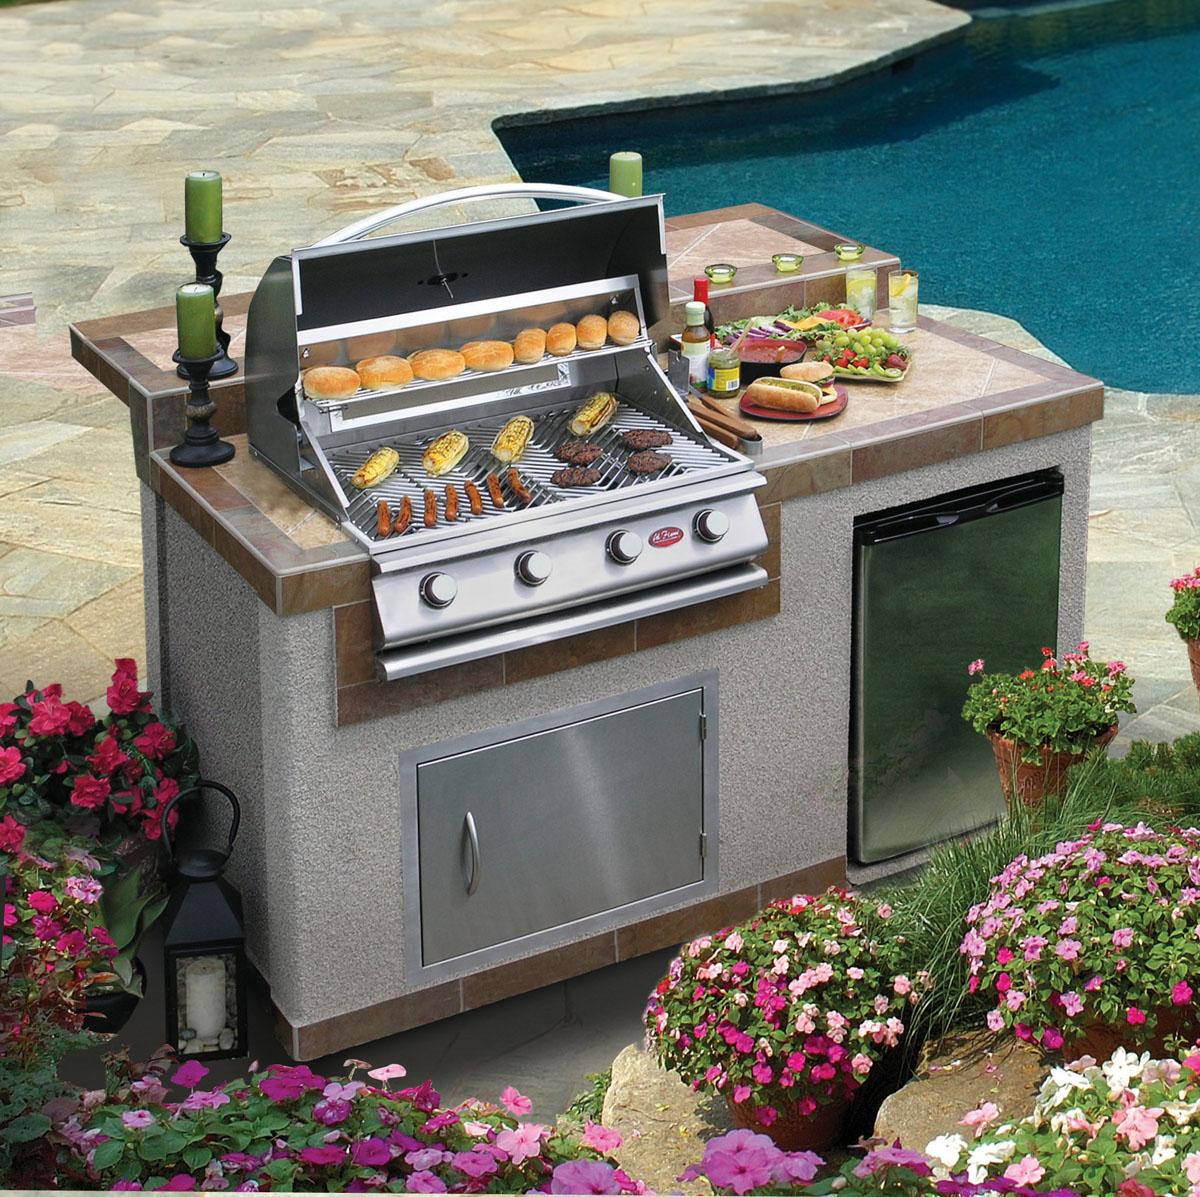 Kitchen Design Center Boulder Co: 5 Ways To Add A Great Outdoor Kitchen